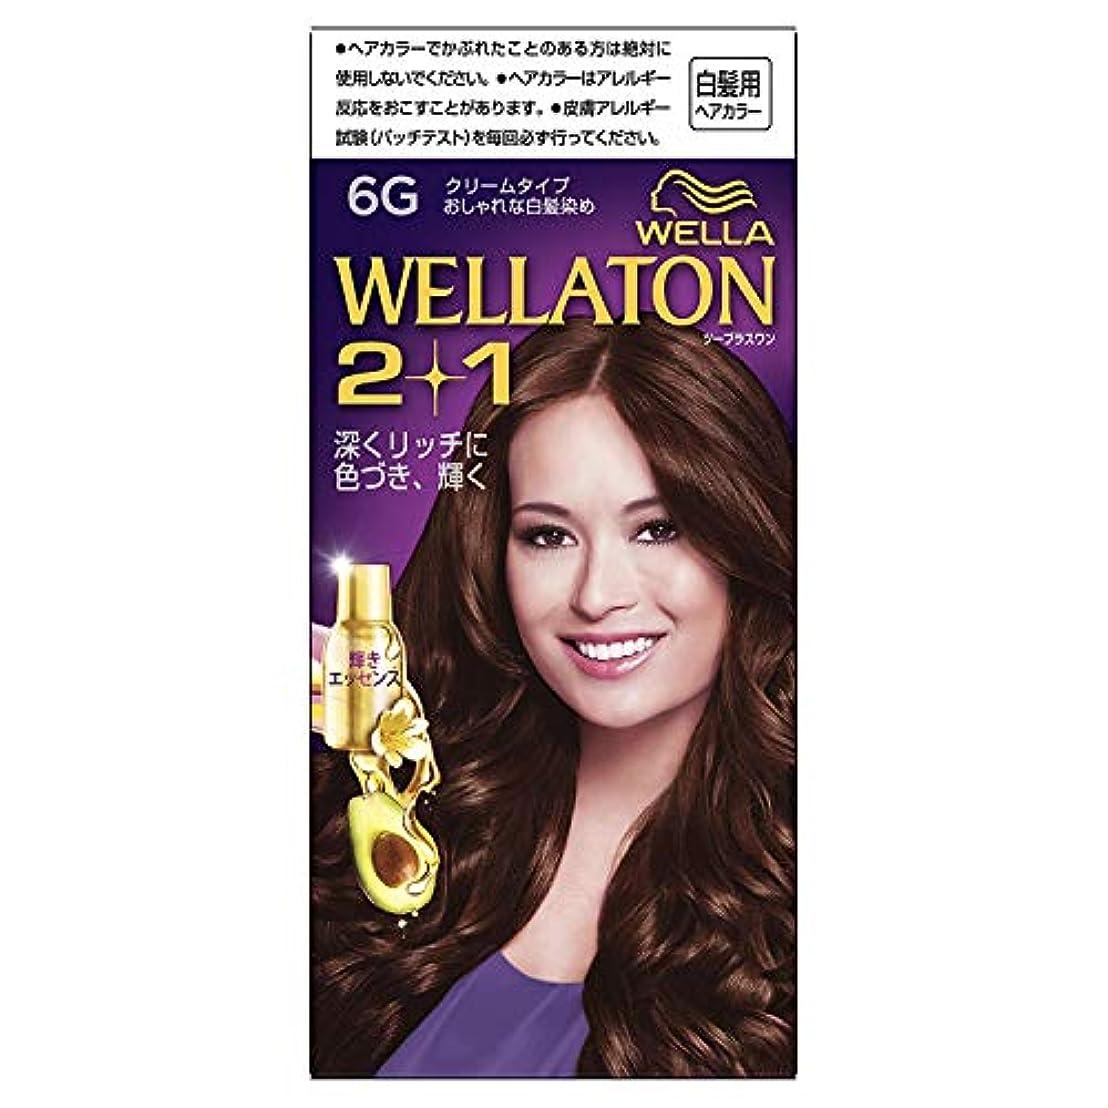 ケイ素定規フェローシップウエラトーン2+1 白髪染め クリームタイプ 6G×6個